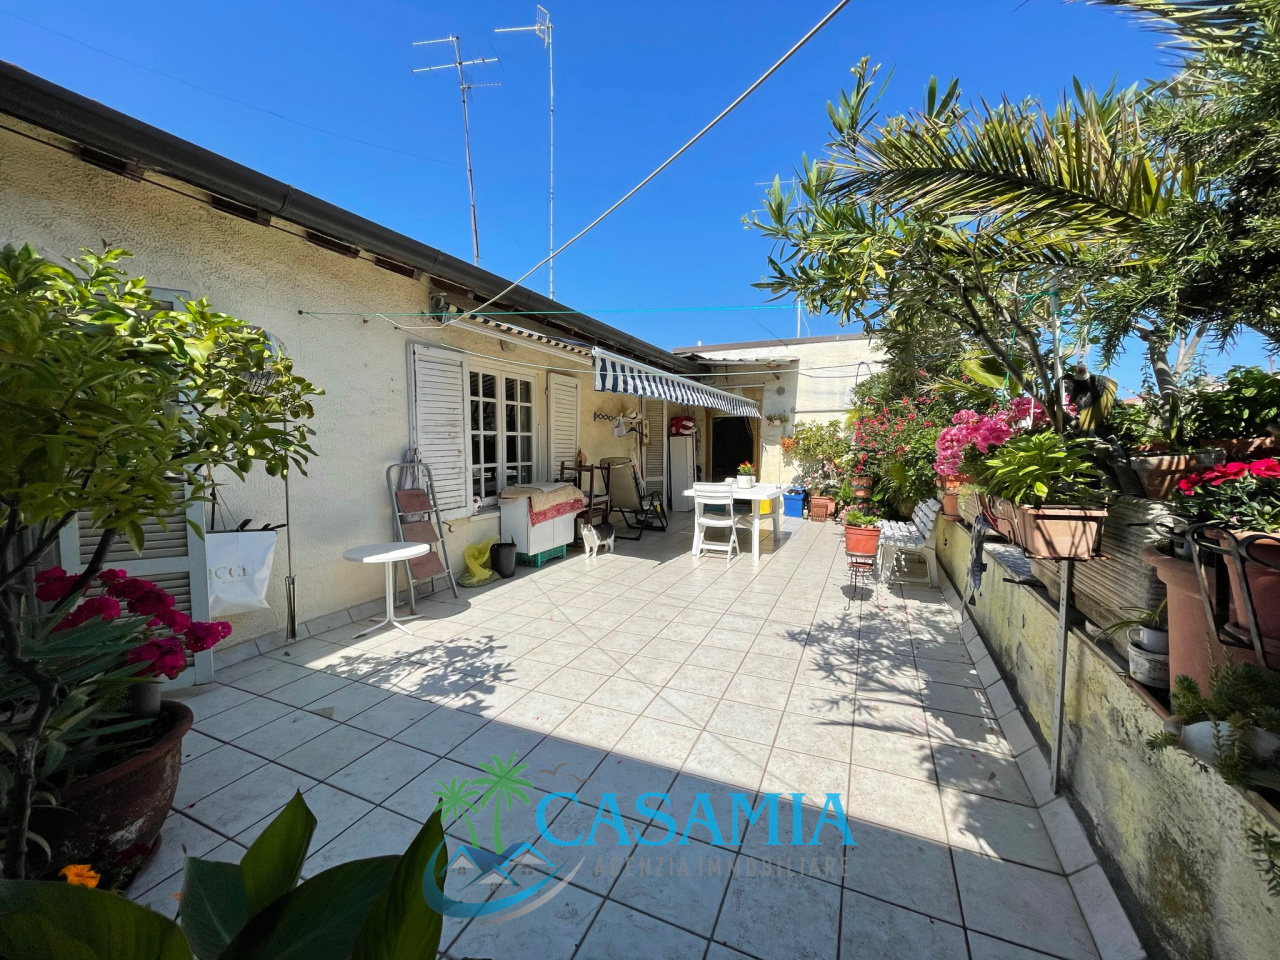 Attico / Mansarda in vendita a San Benedetto del Tronto, 8 locali, prezzo € 220.000 | PortaleAgenzieImmobiliari.it